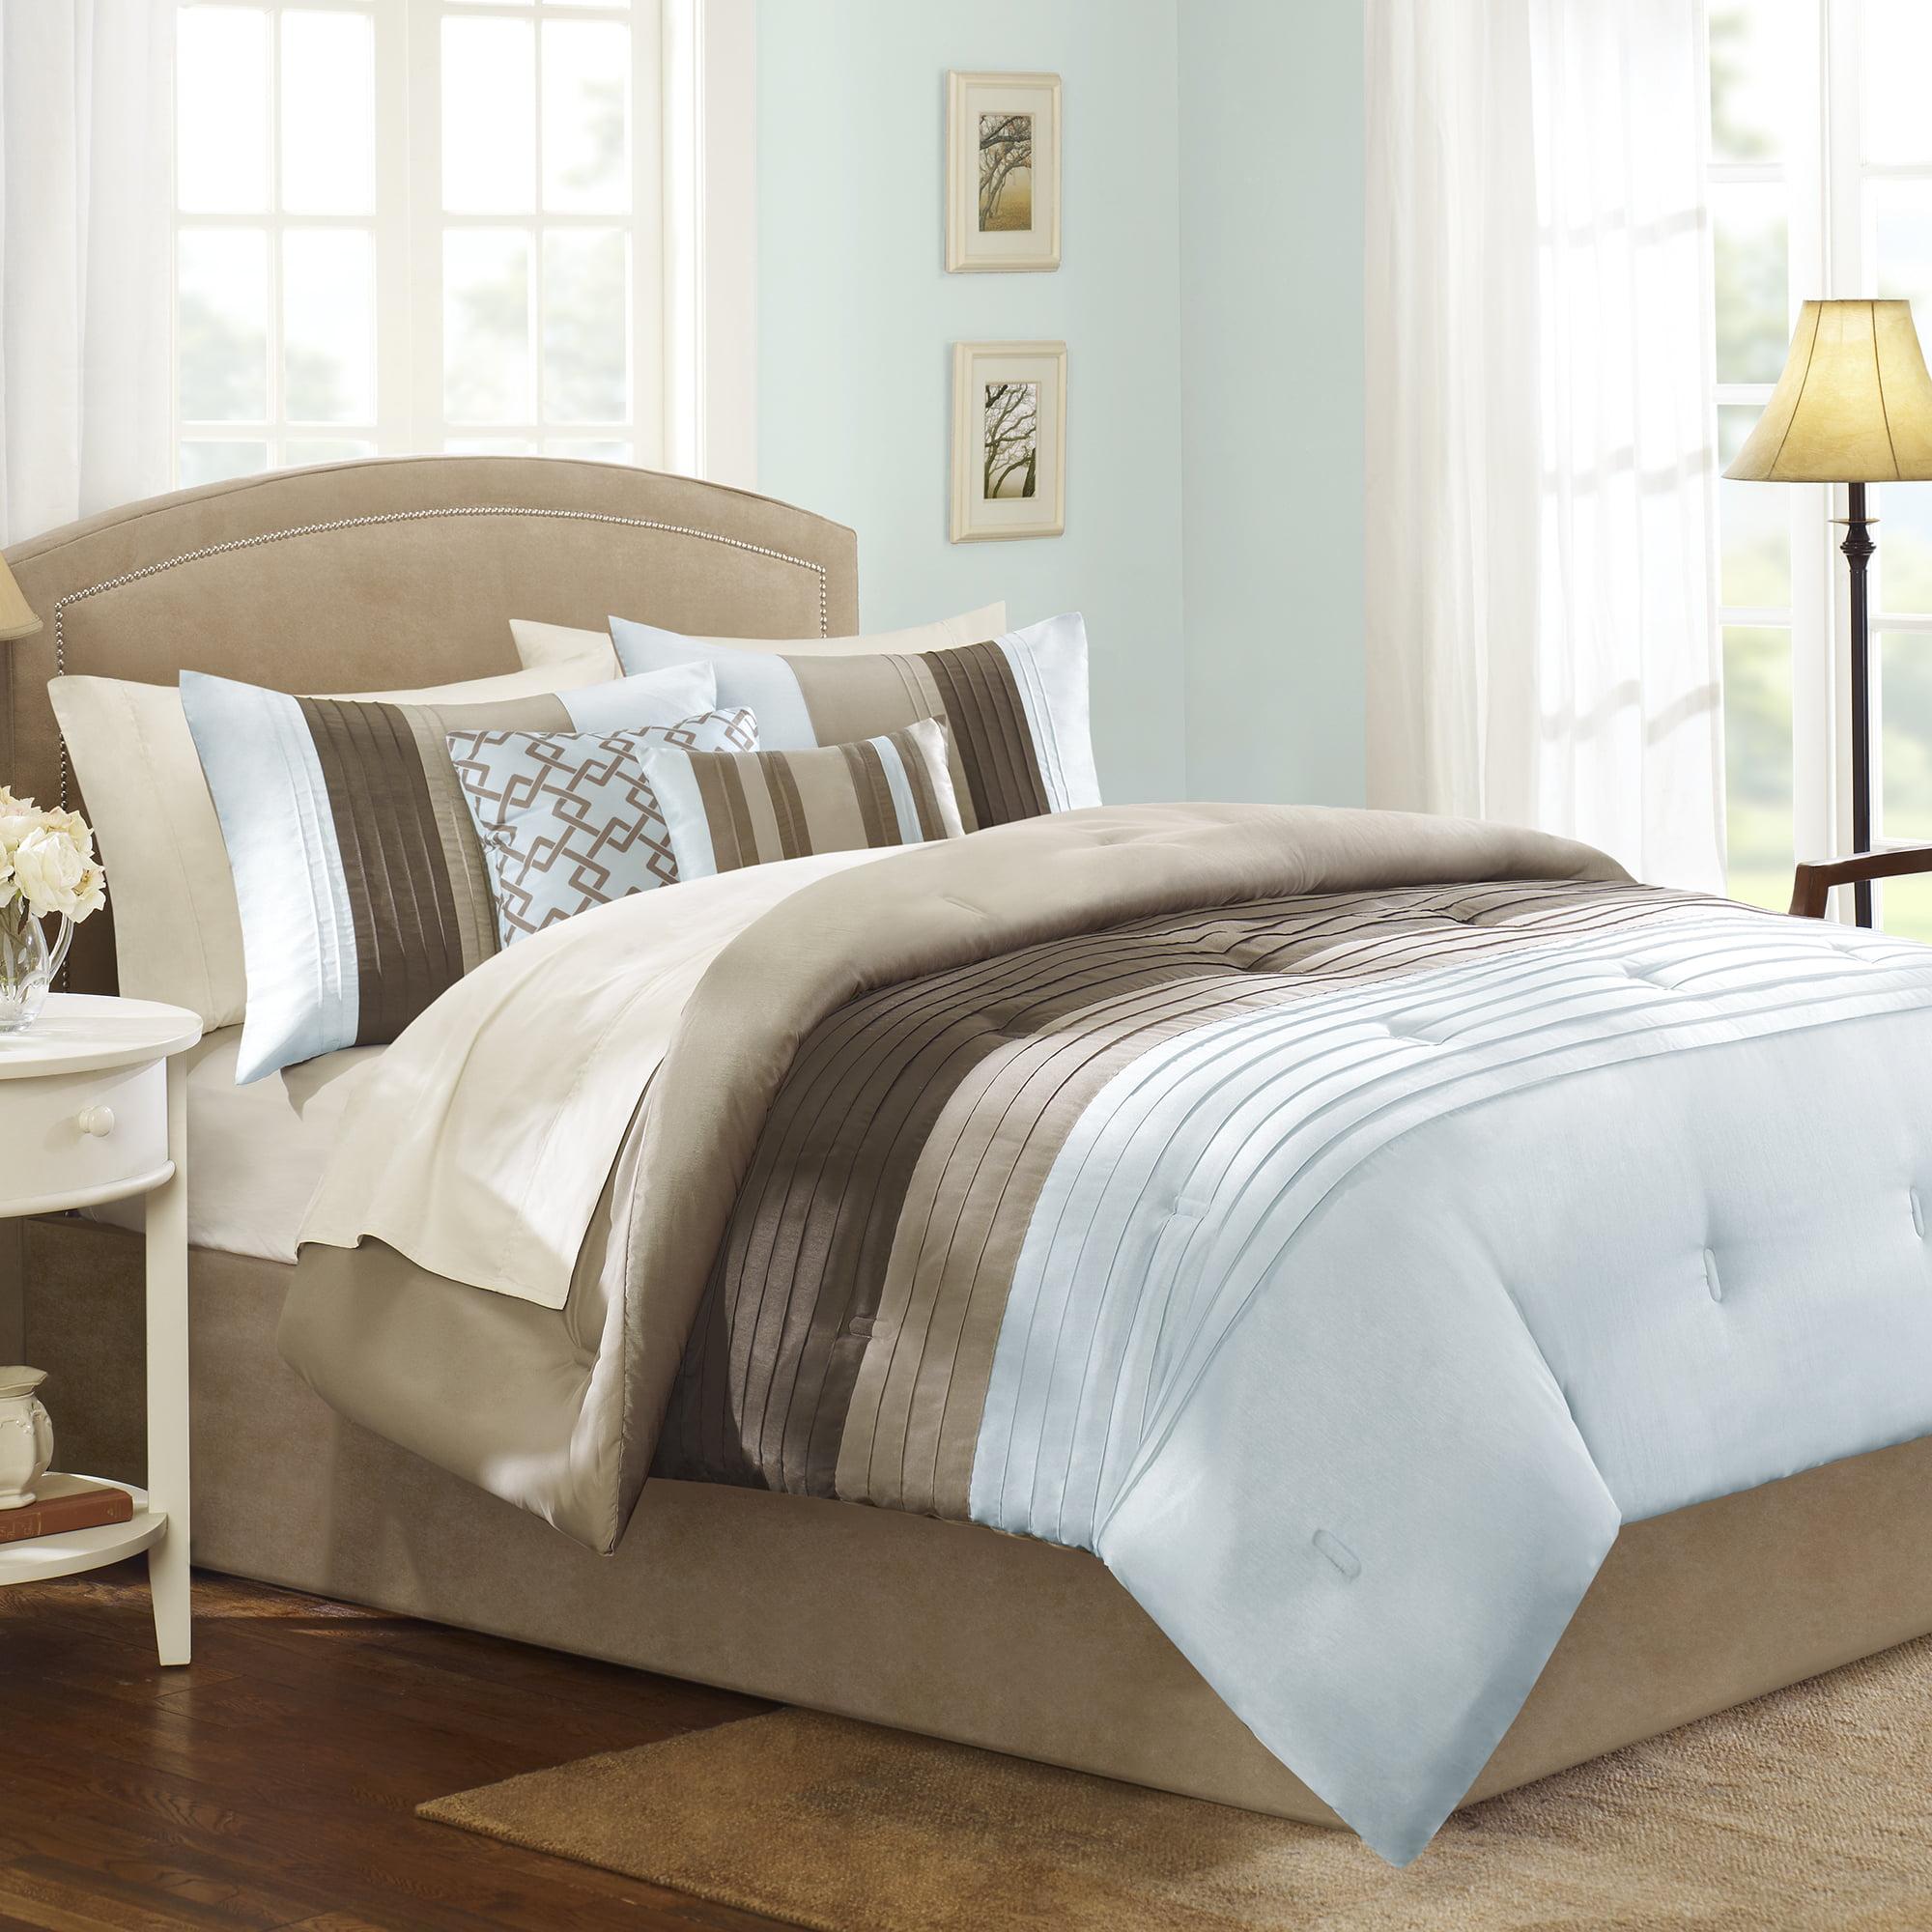 Better Homes & Gardens Full Pleated Bedding Comforter Set